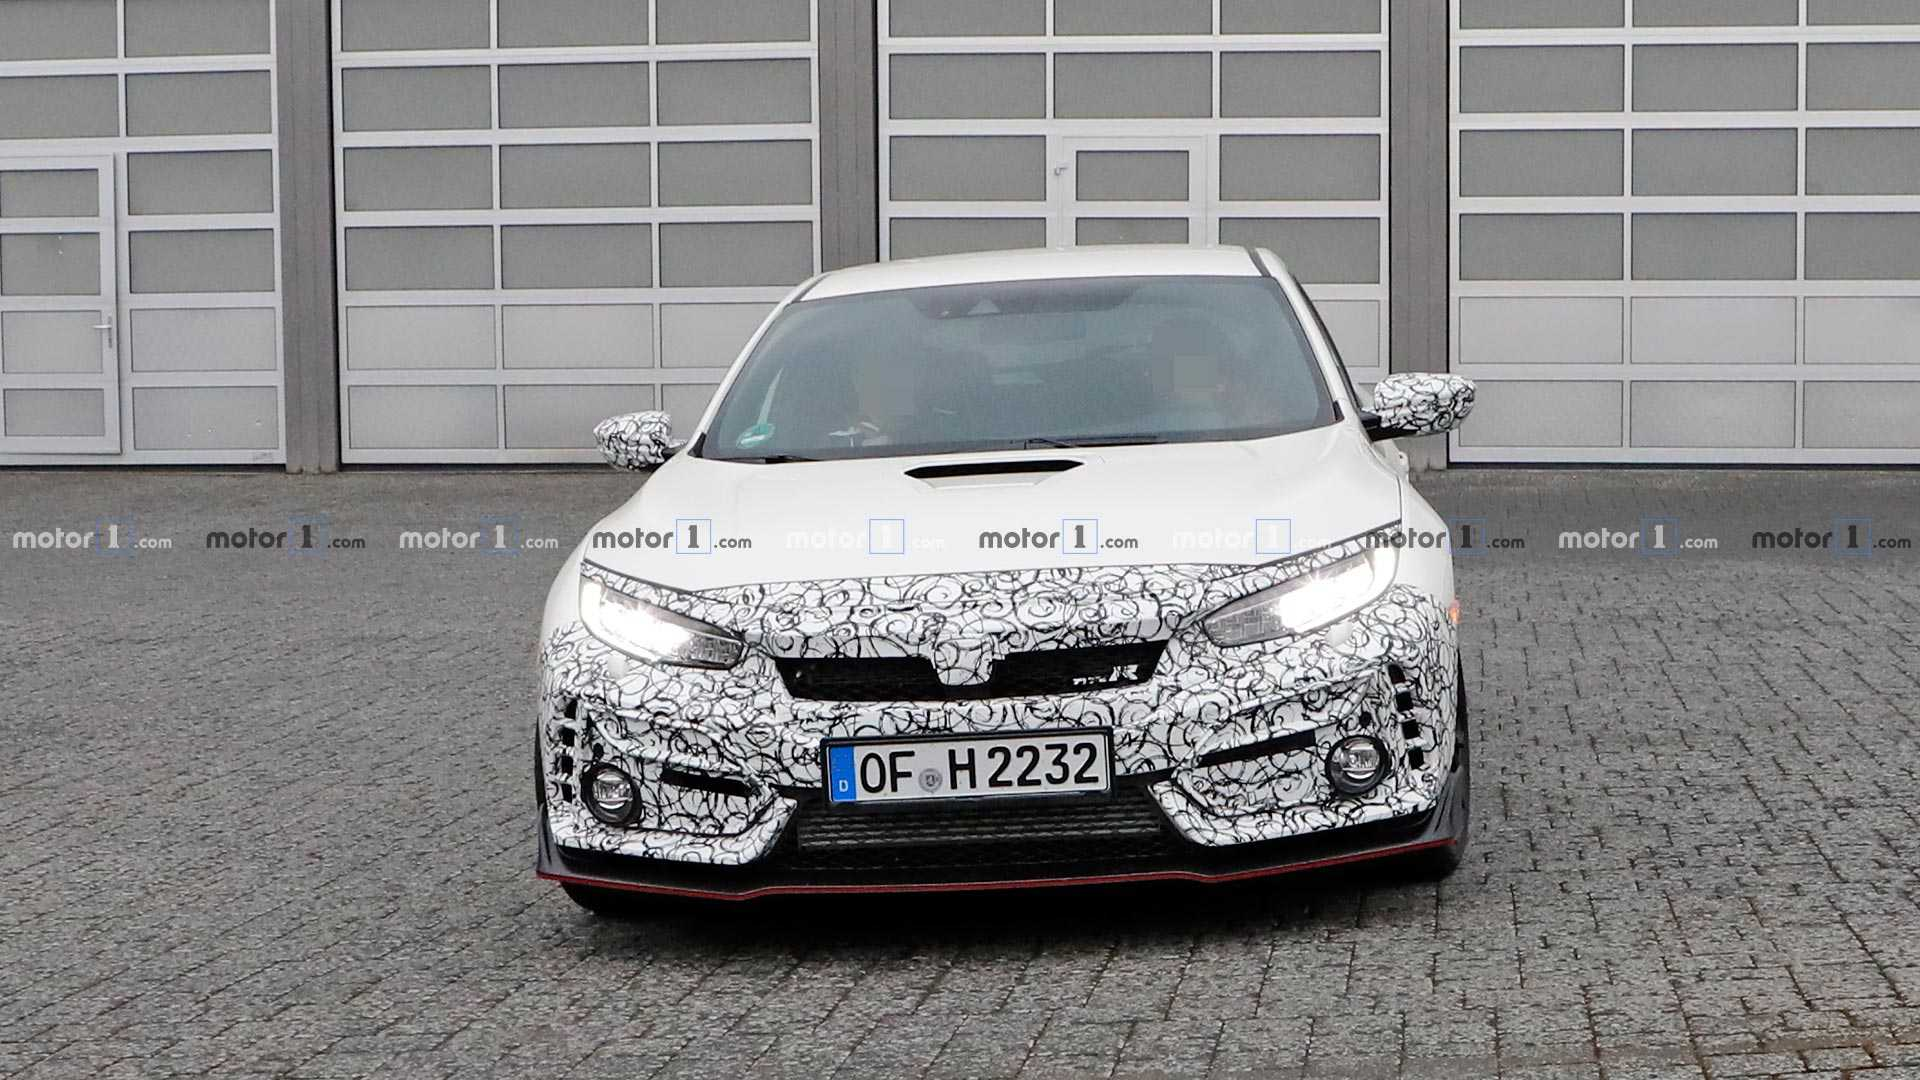 Загадочные прототипы Honda Civic Type R появились на «Нордшляйфе» 1